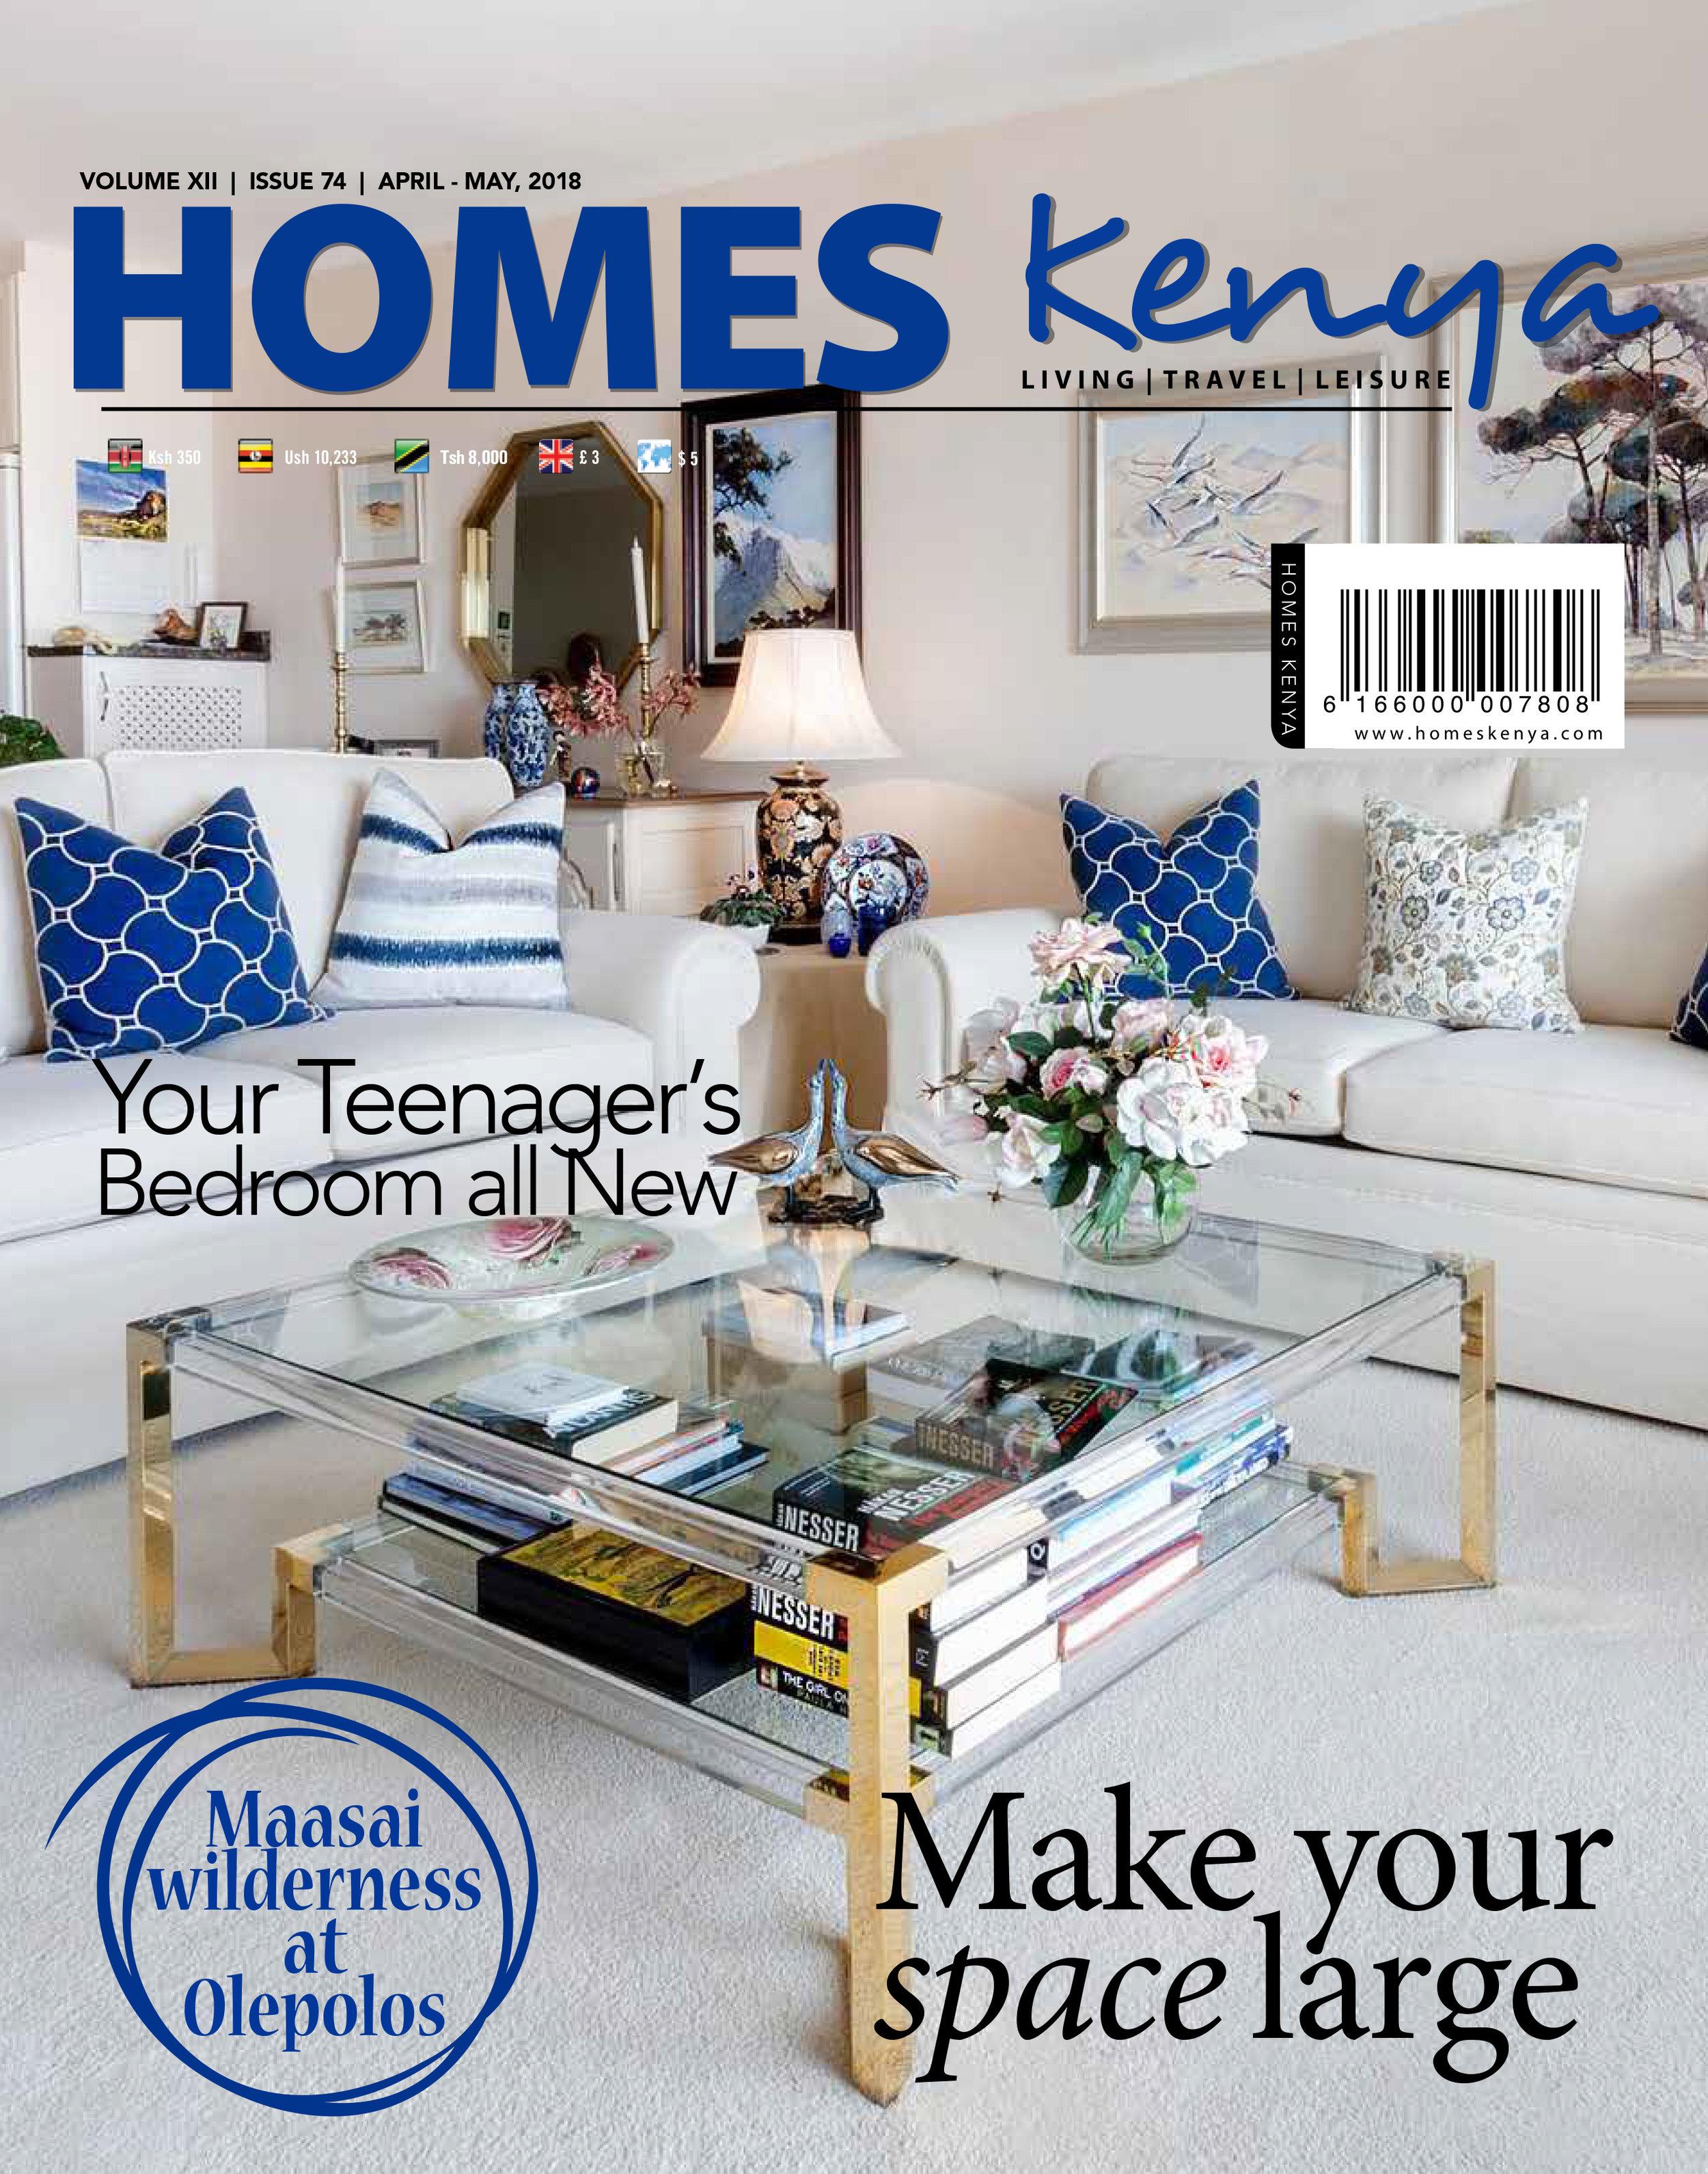 homes kenya - april 2018